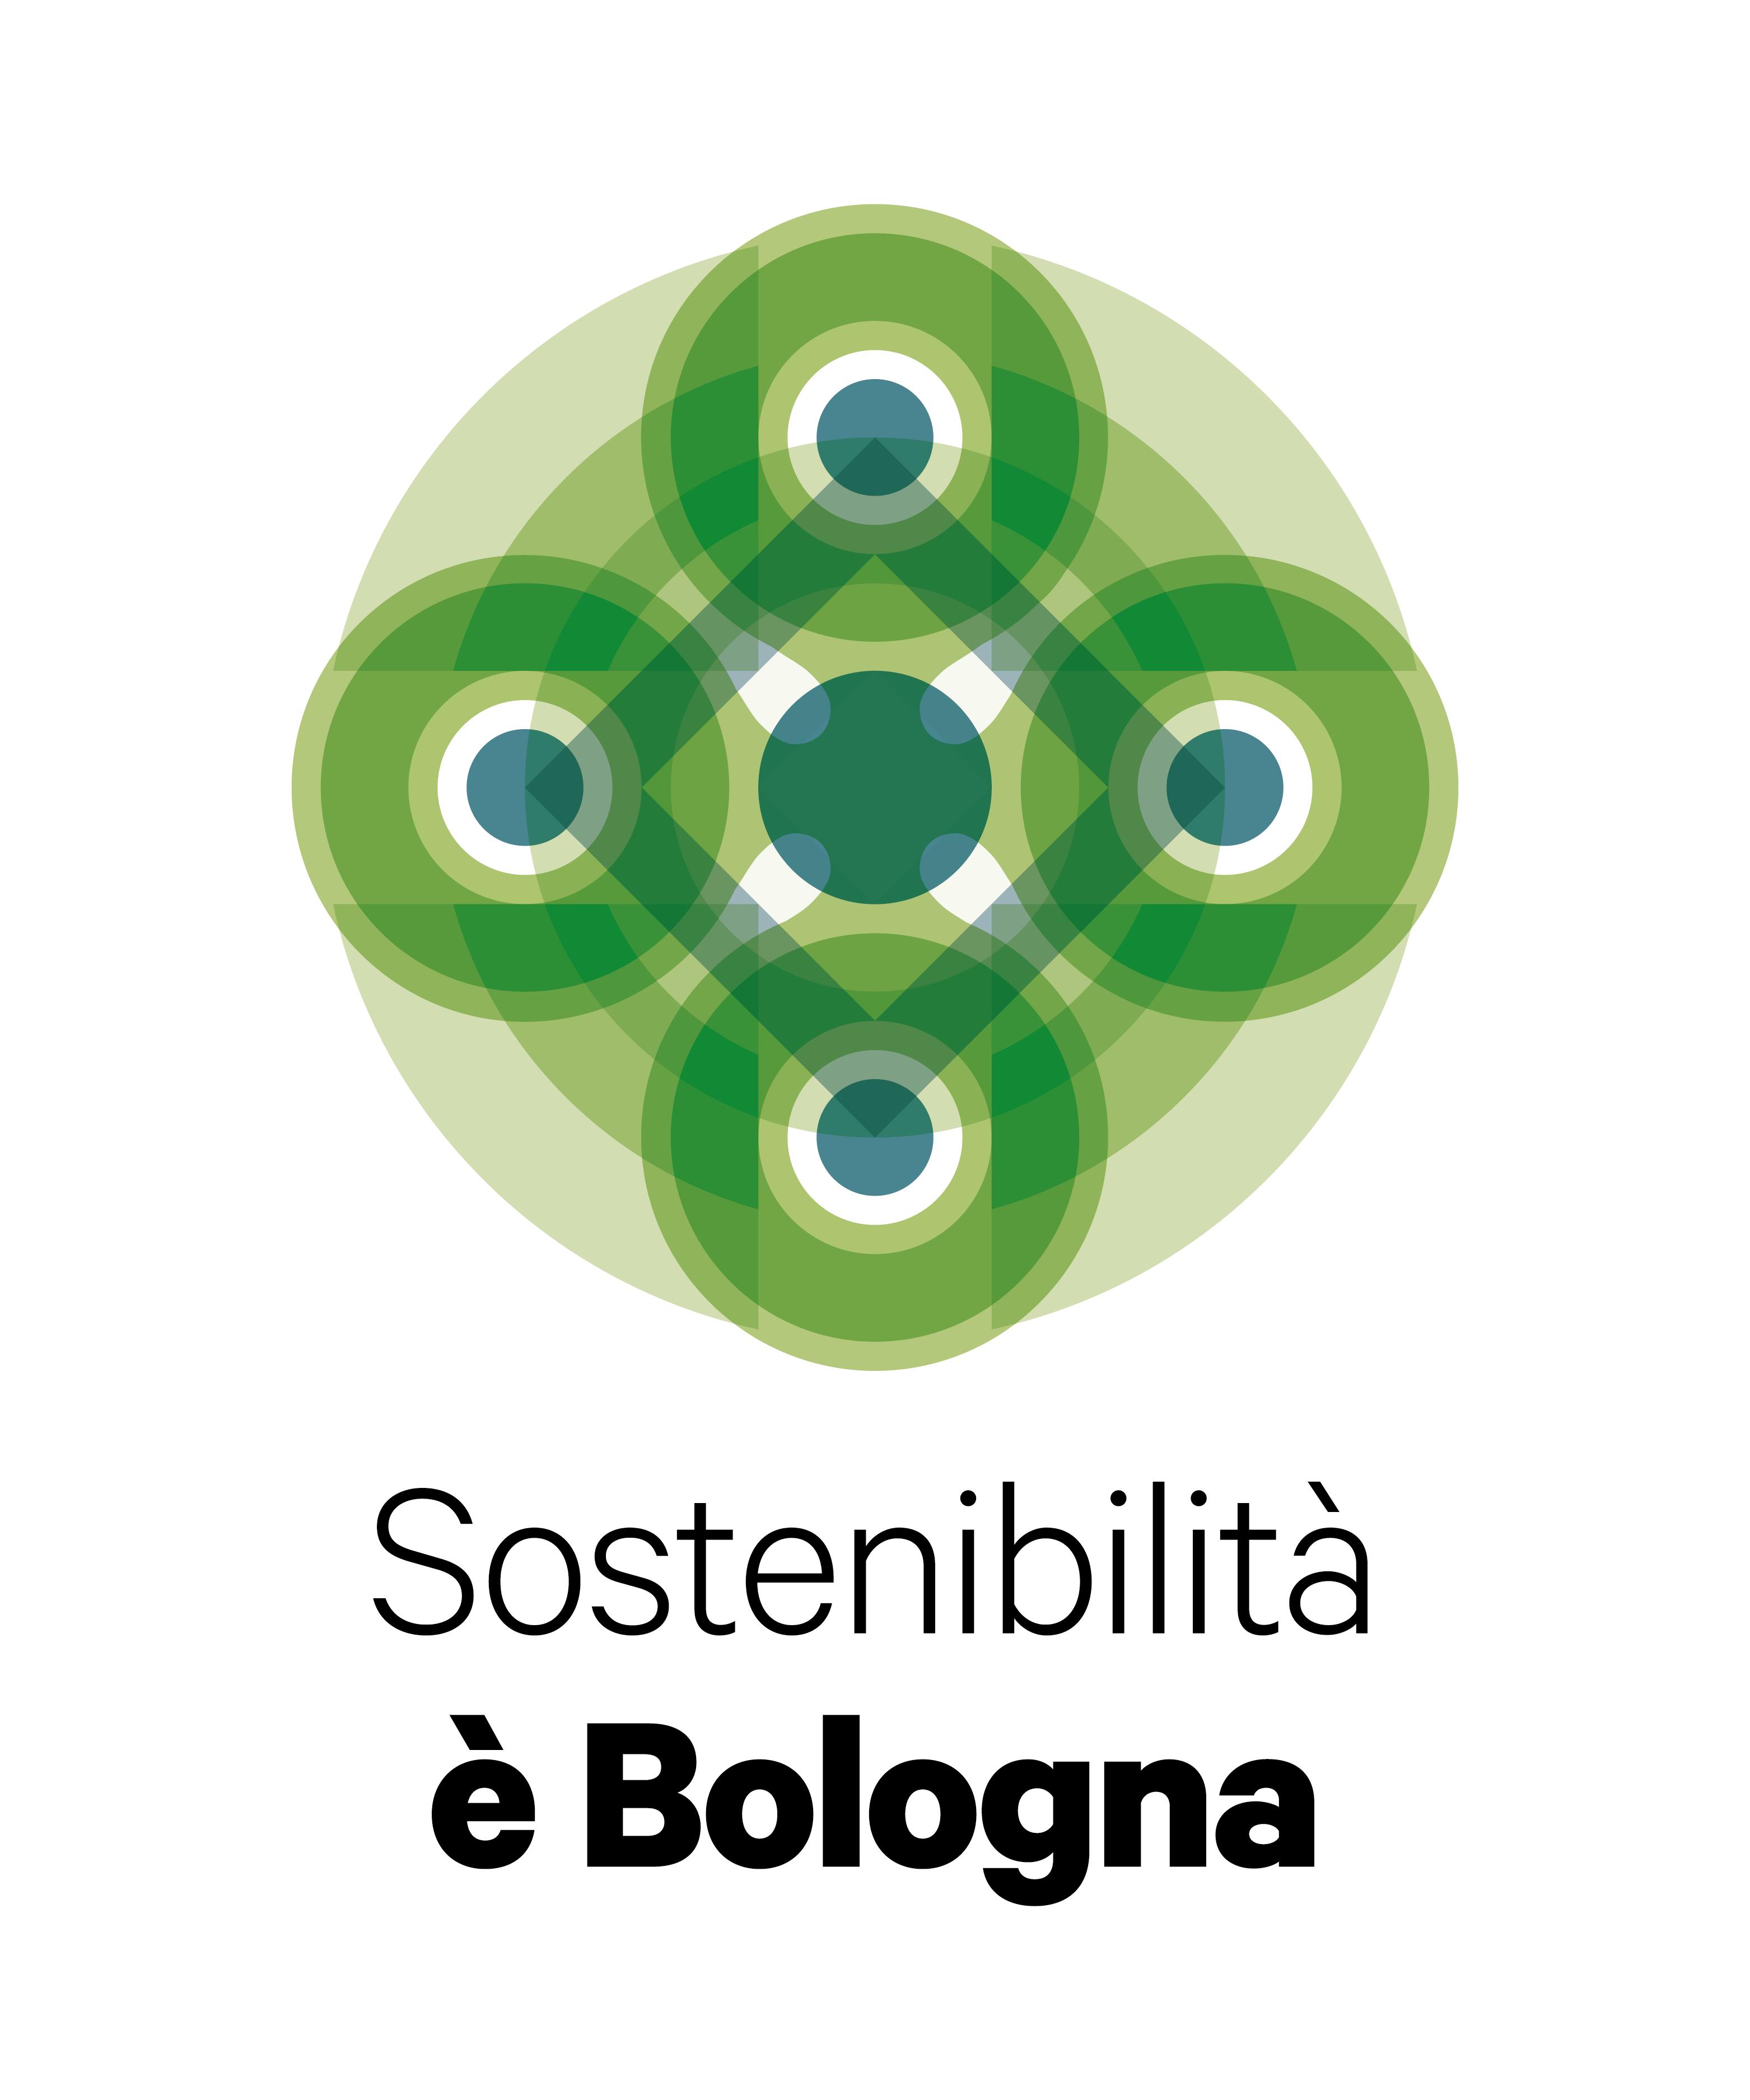 sostenibilità è bologna